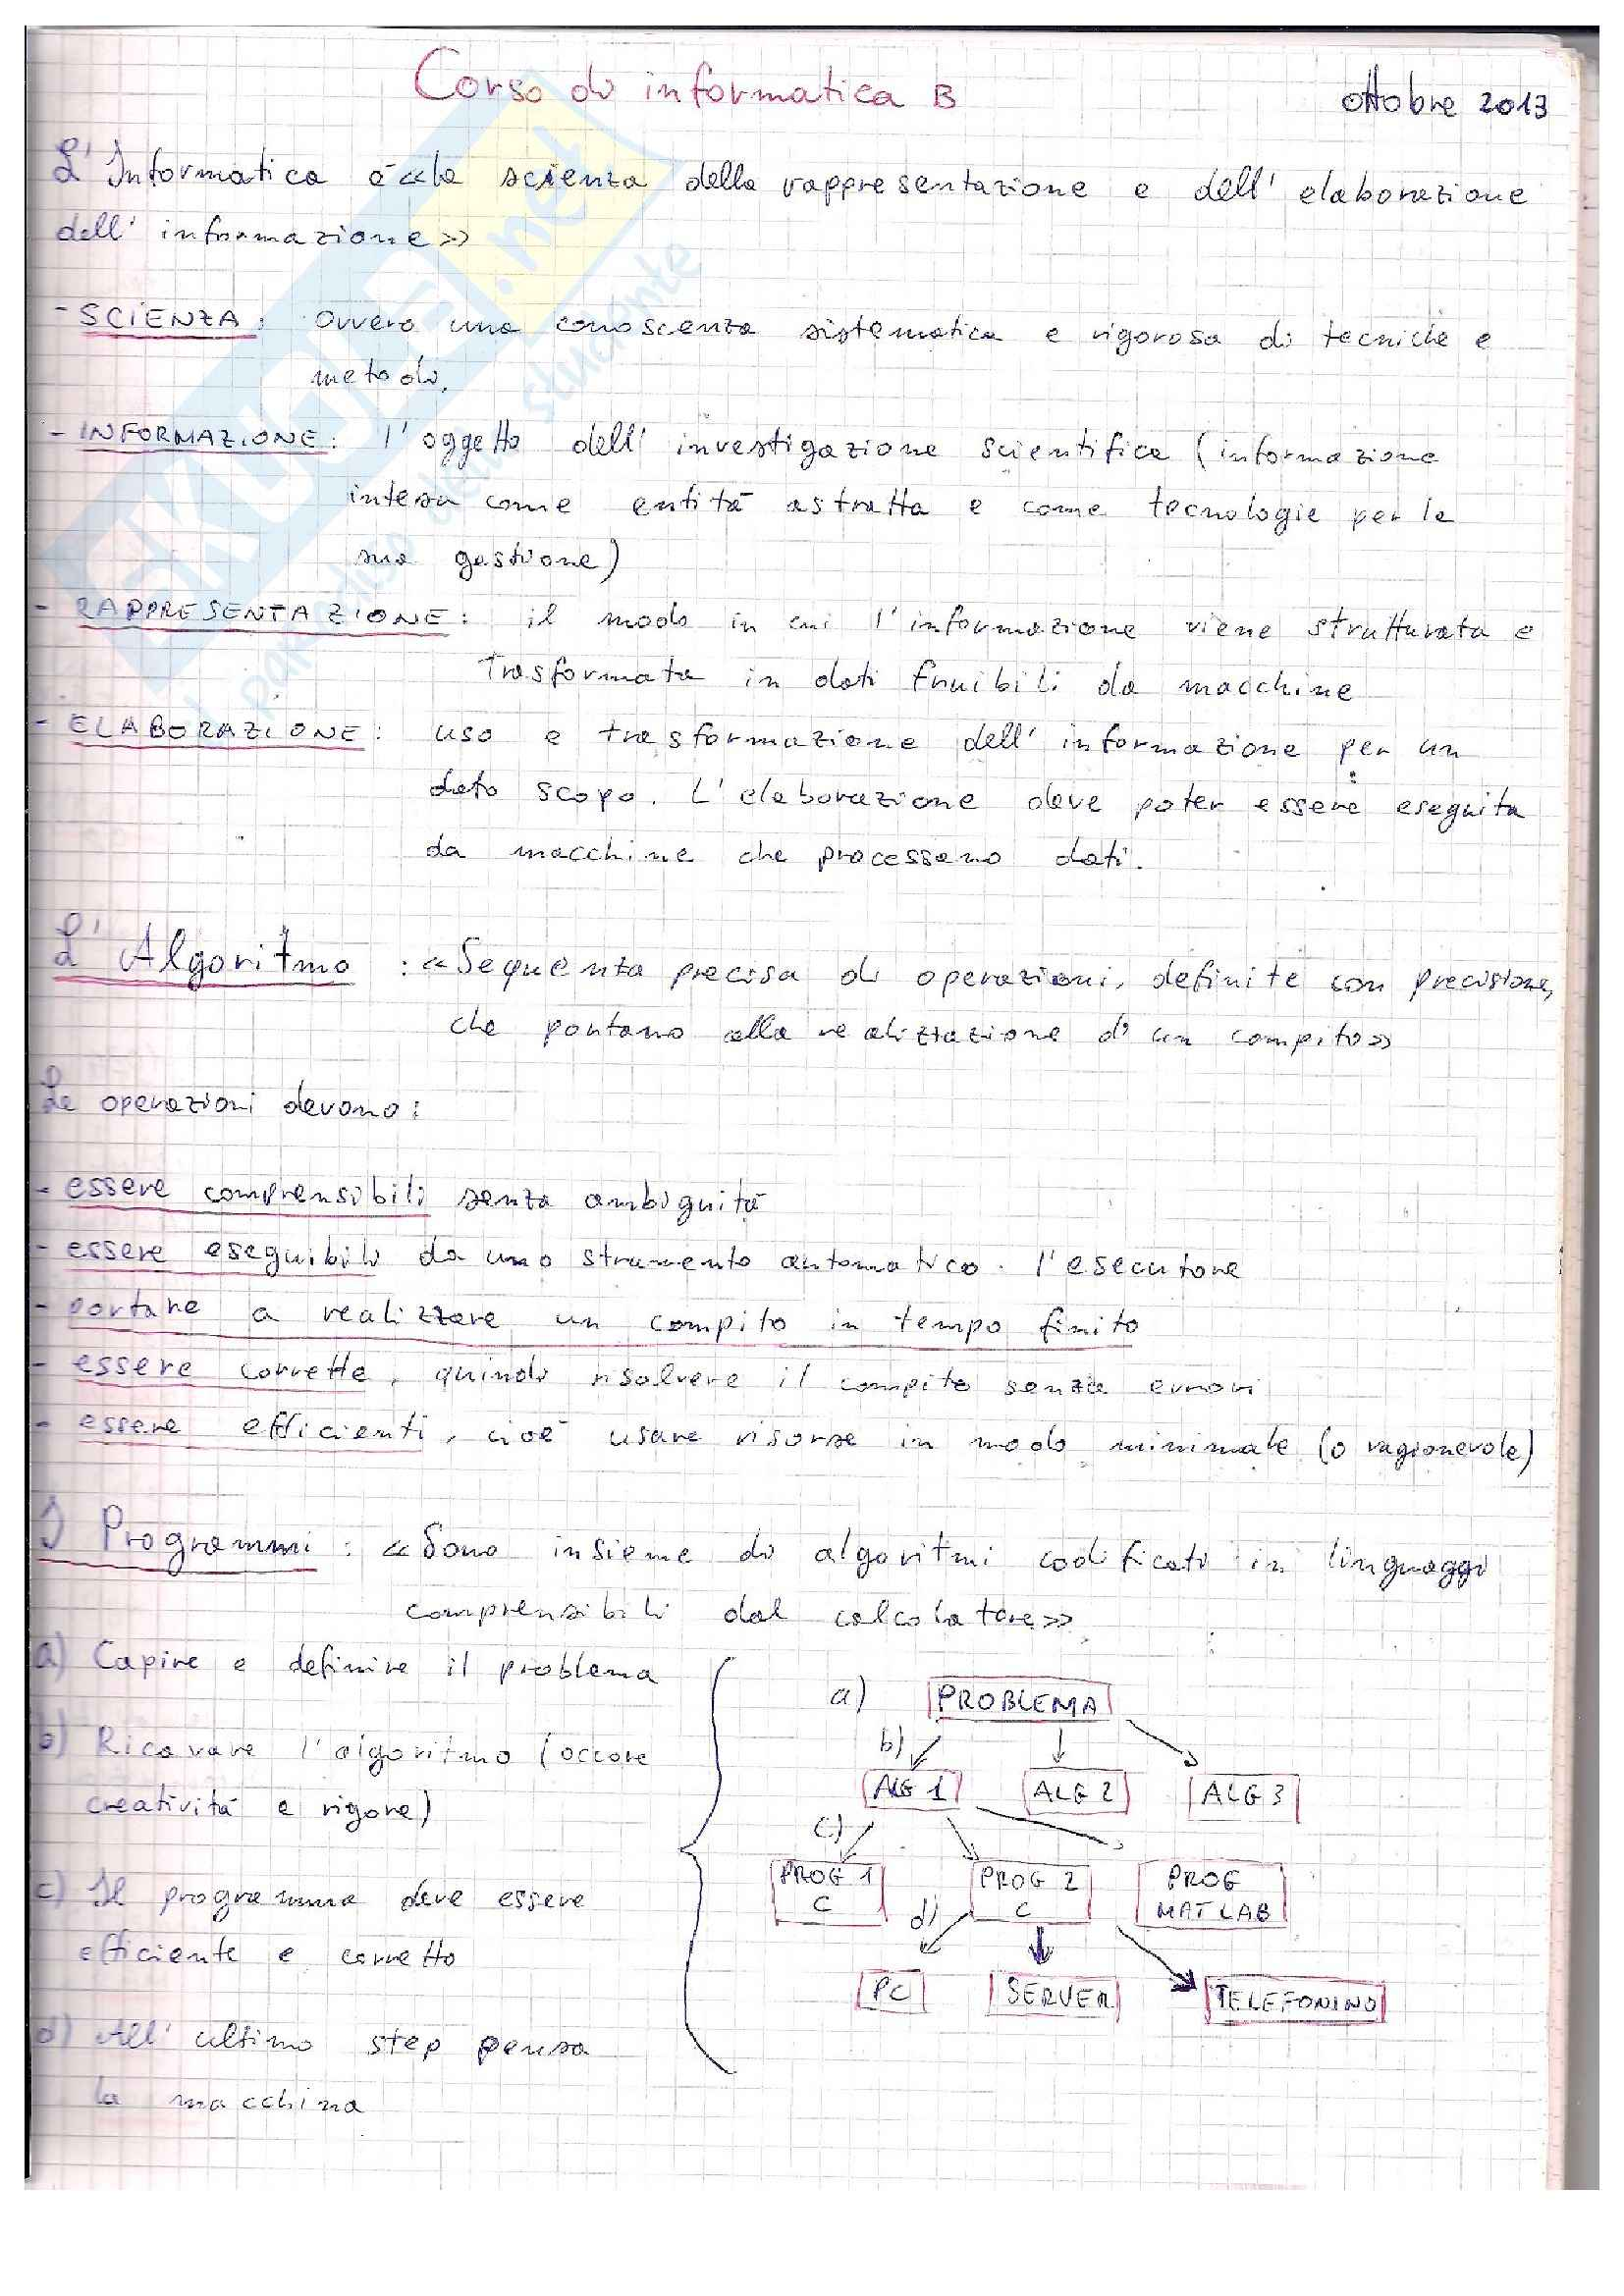 appunto G. Boracchi Informatica